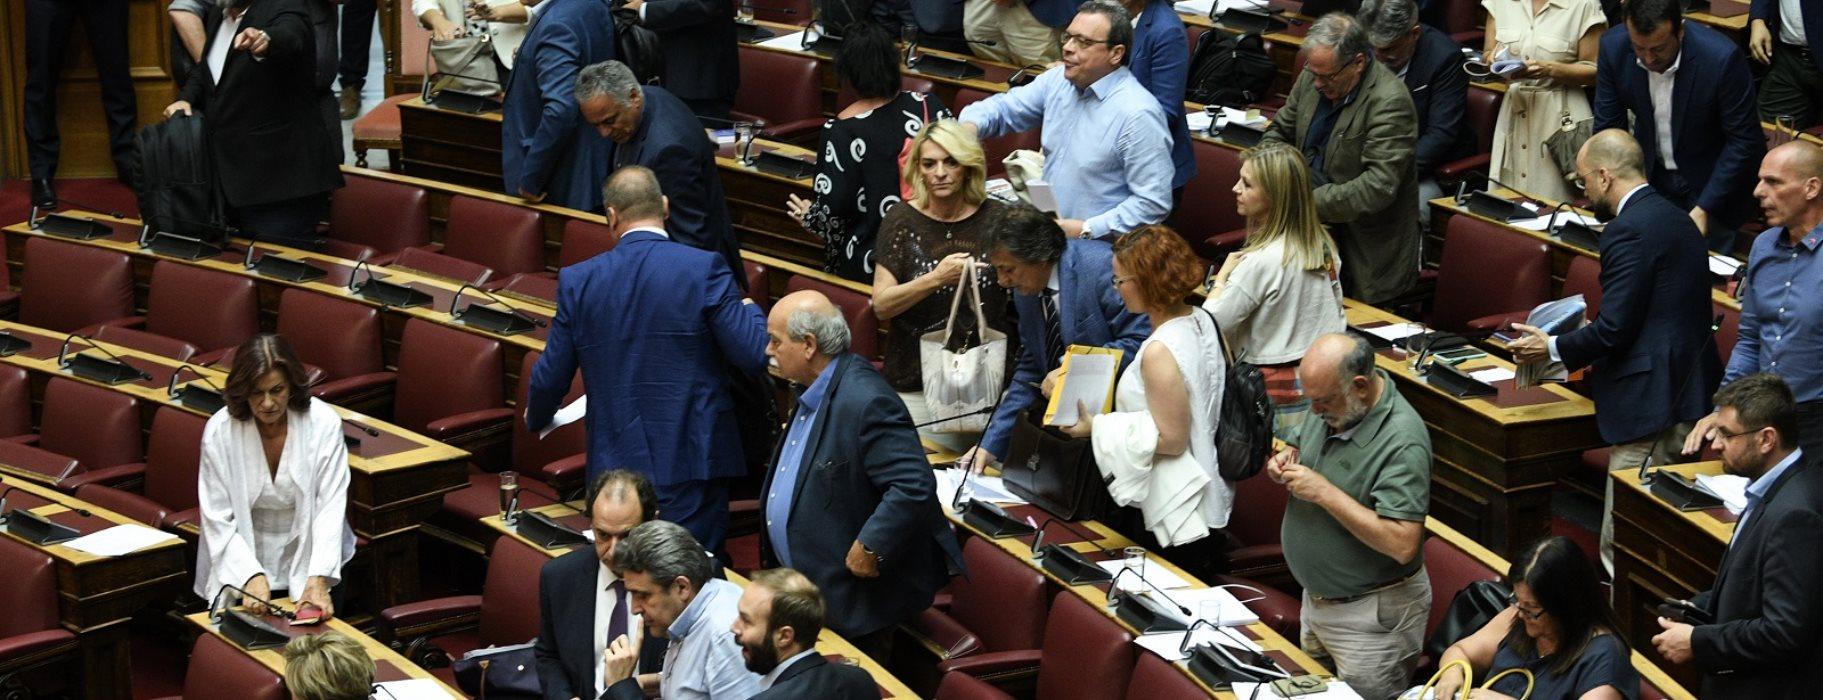 Αποτέλεσμα εικόνας για Ονομαστική ψηφοφορία κατέθεσε ο ΣΥΡΙΖΑ στην τροπολογία της κυβέρνησης για ΠΑΟΚ -Ξάνθη